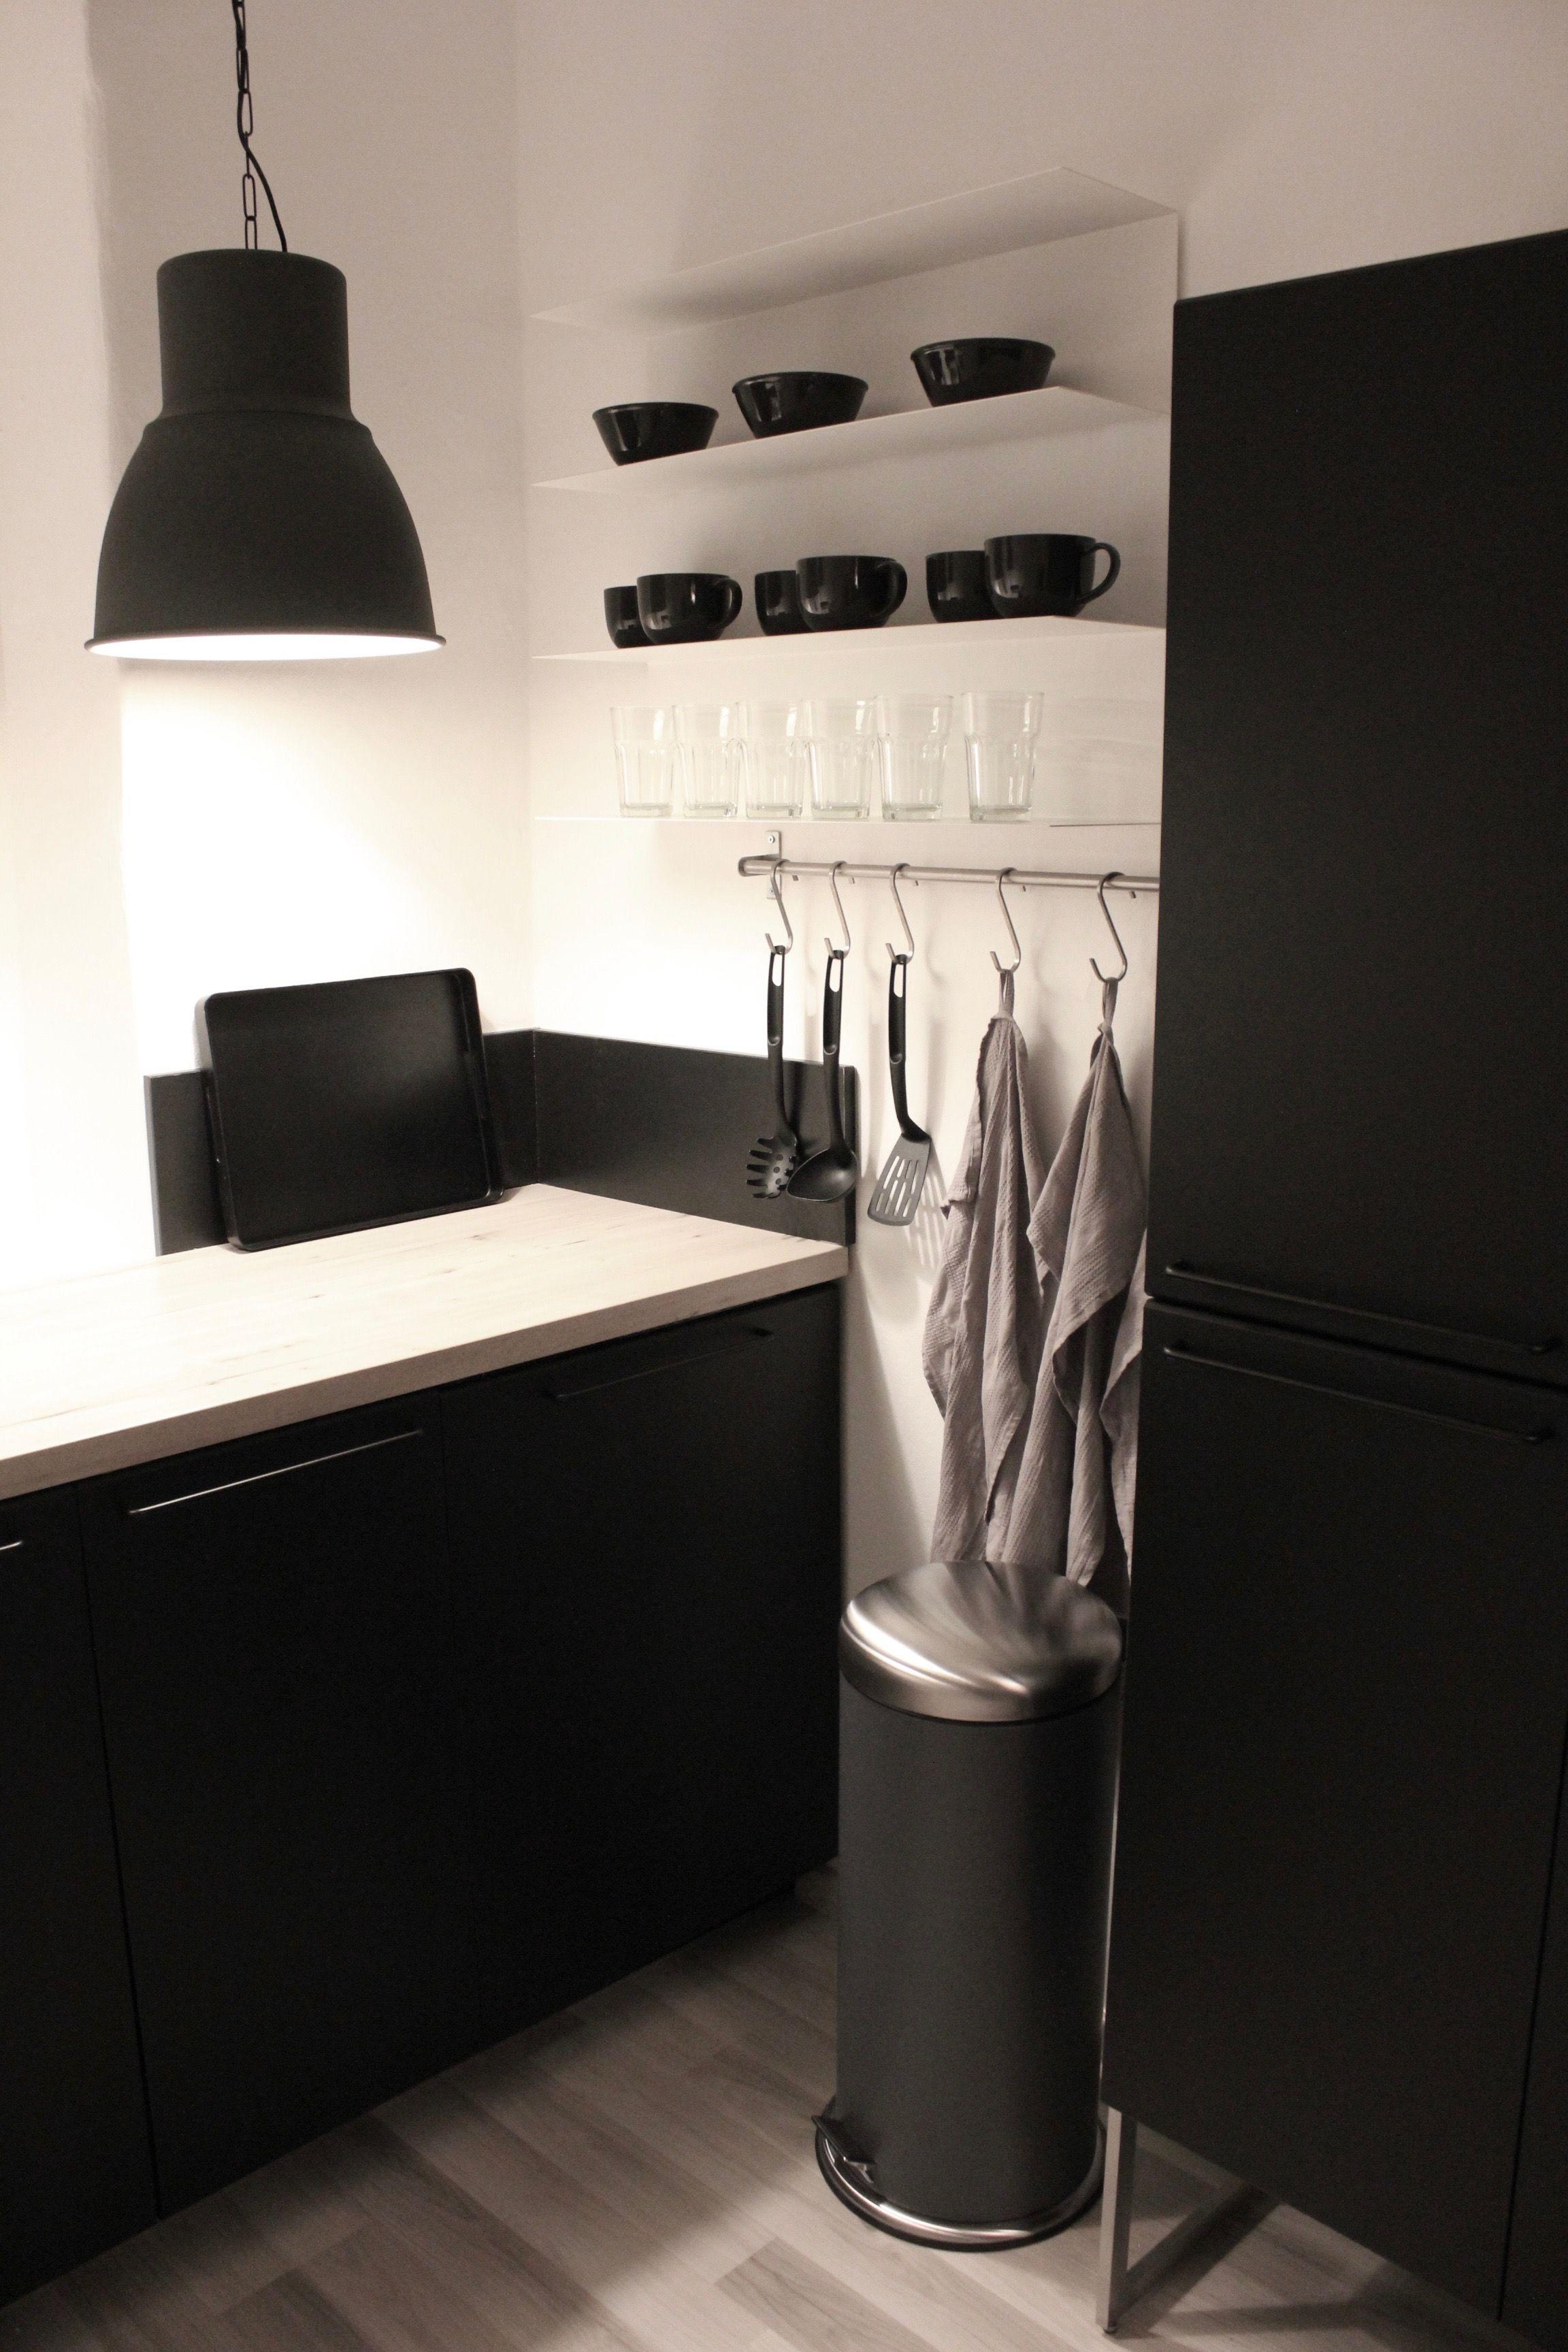 IKEA Küche mit Regal BOTKYRKA, Hängeleuchte HEKTAR ...